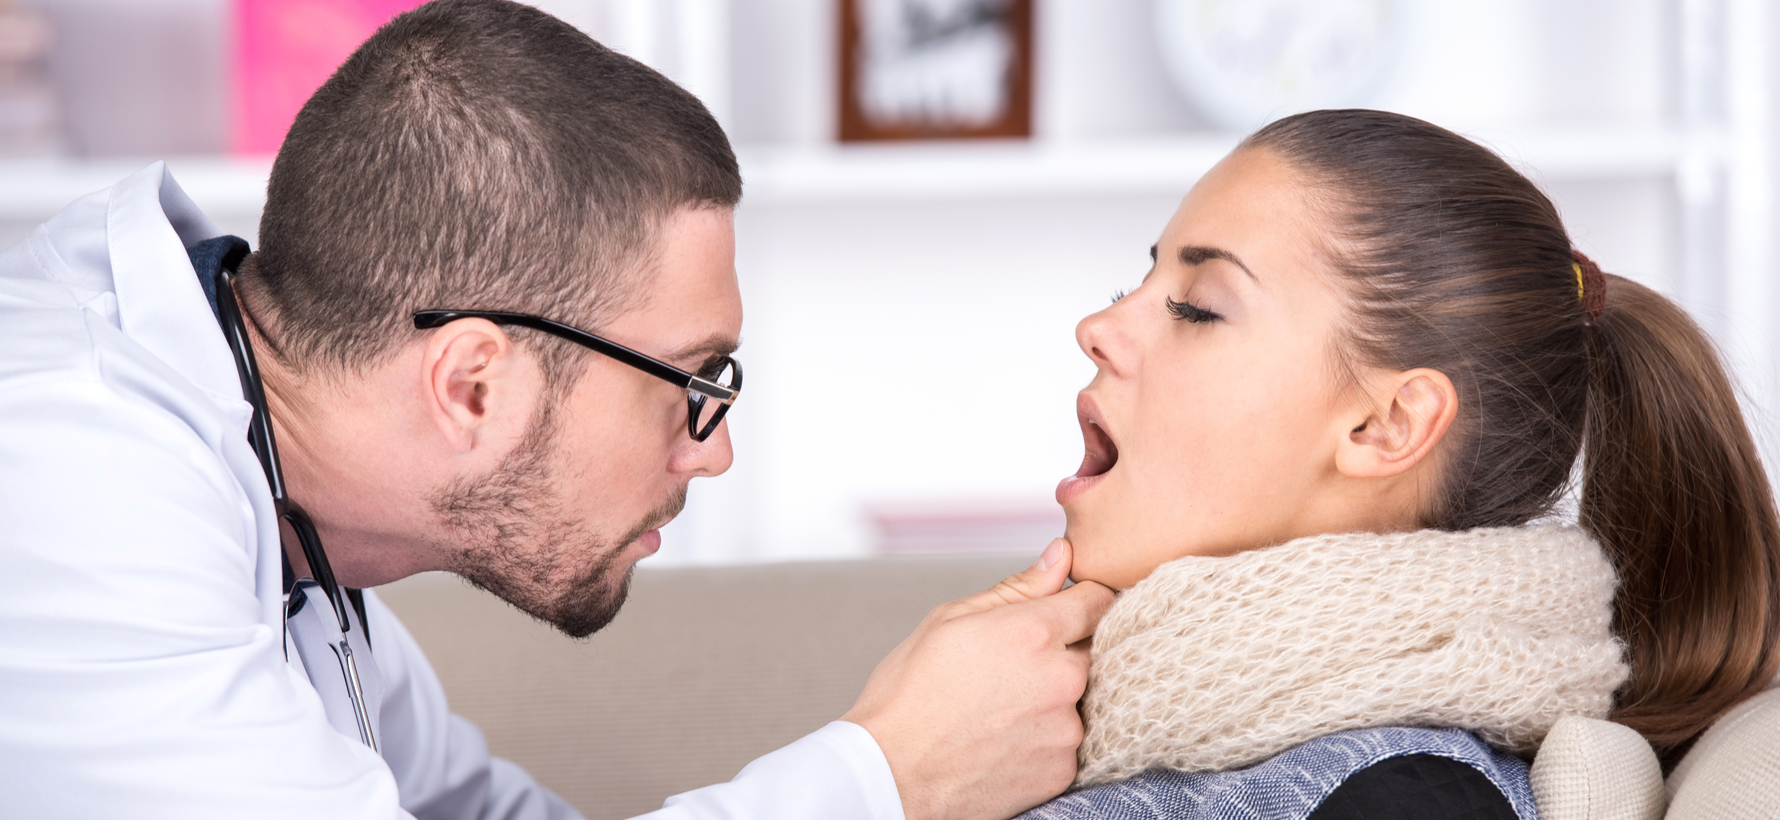 que-puede-detectar-el-examen-de-cavidad-oral